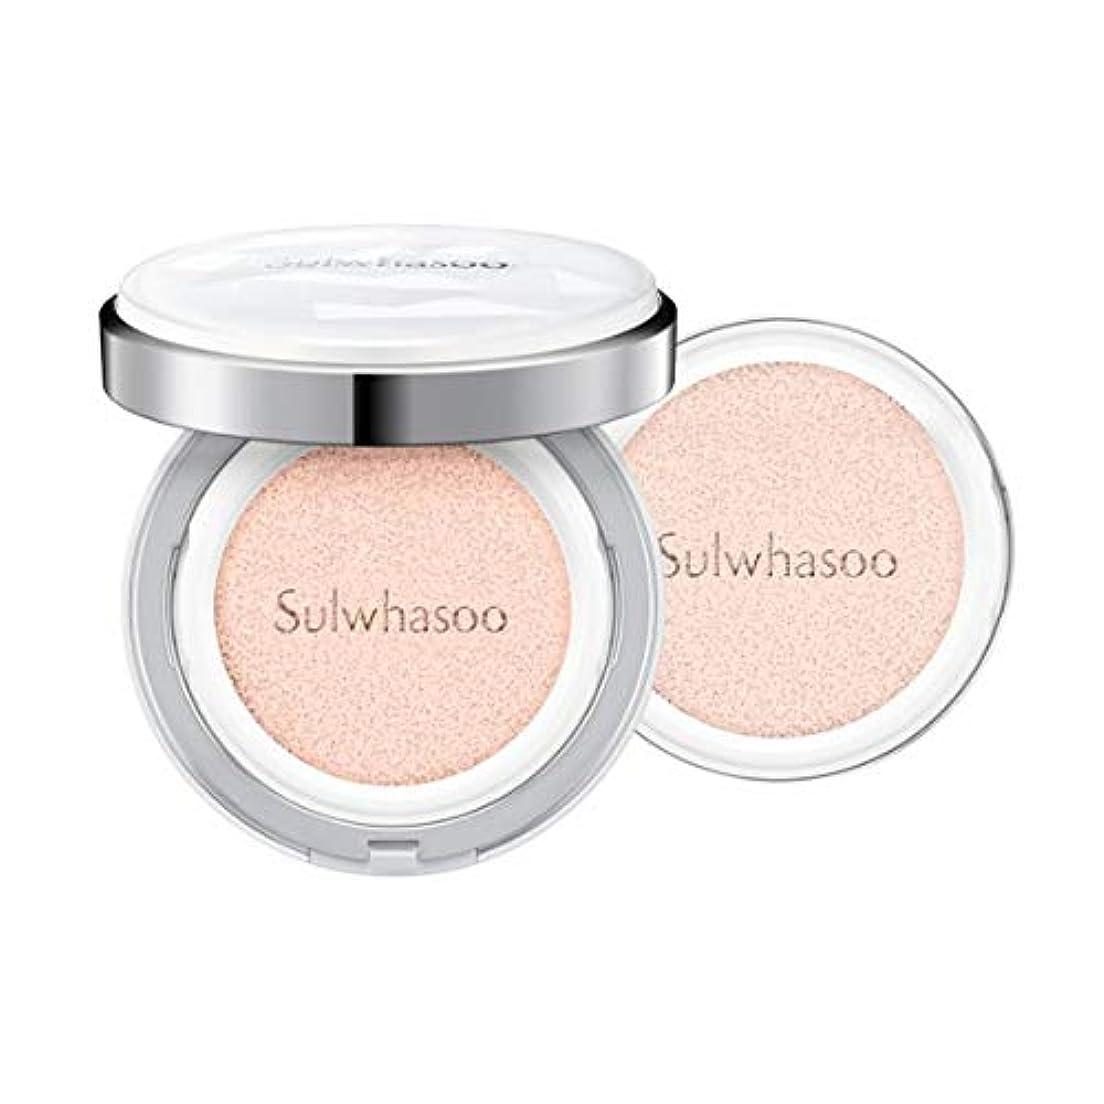 信念厳しい欲しいです[Sulwhasoo]雪花秀(ソルファス)滋晶(ジャジョン)ブライトニングクッション #21ナチュラルピンク SPF50+/PA+++ Snowise Brightening Cushion 21 Natural Pink